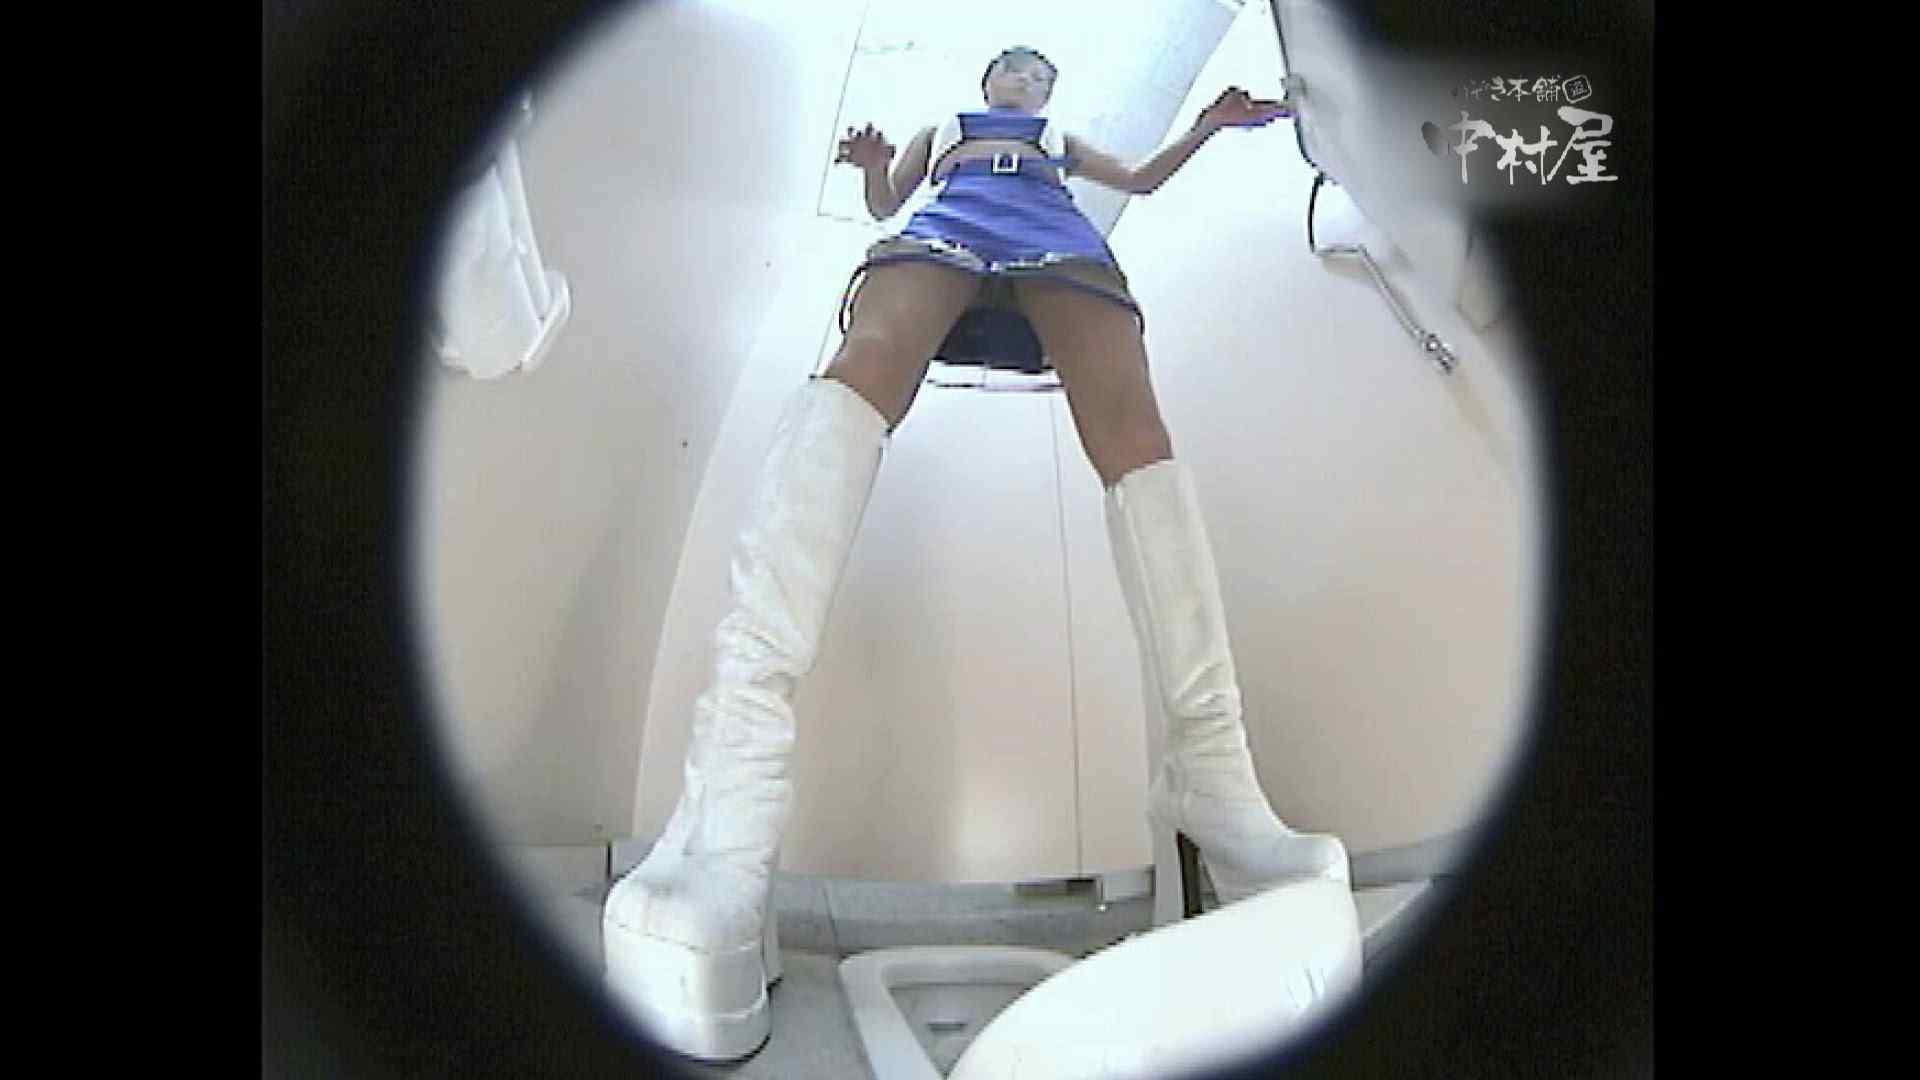 レースクィーントイレ盗撮!Vol.09 トイレ | 便器の中 盗撮 96PIX 64